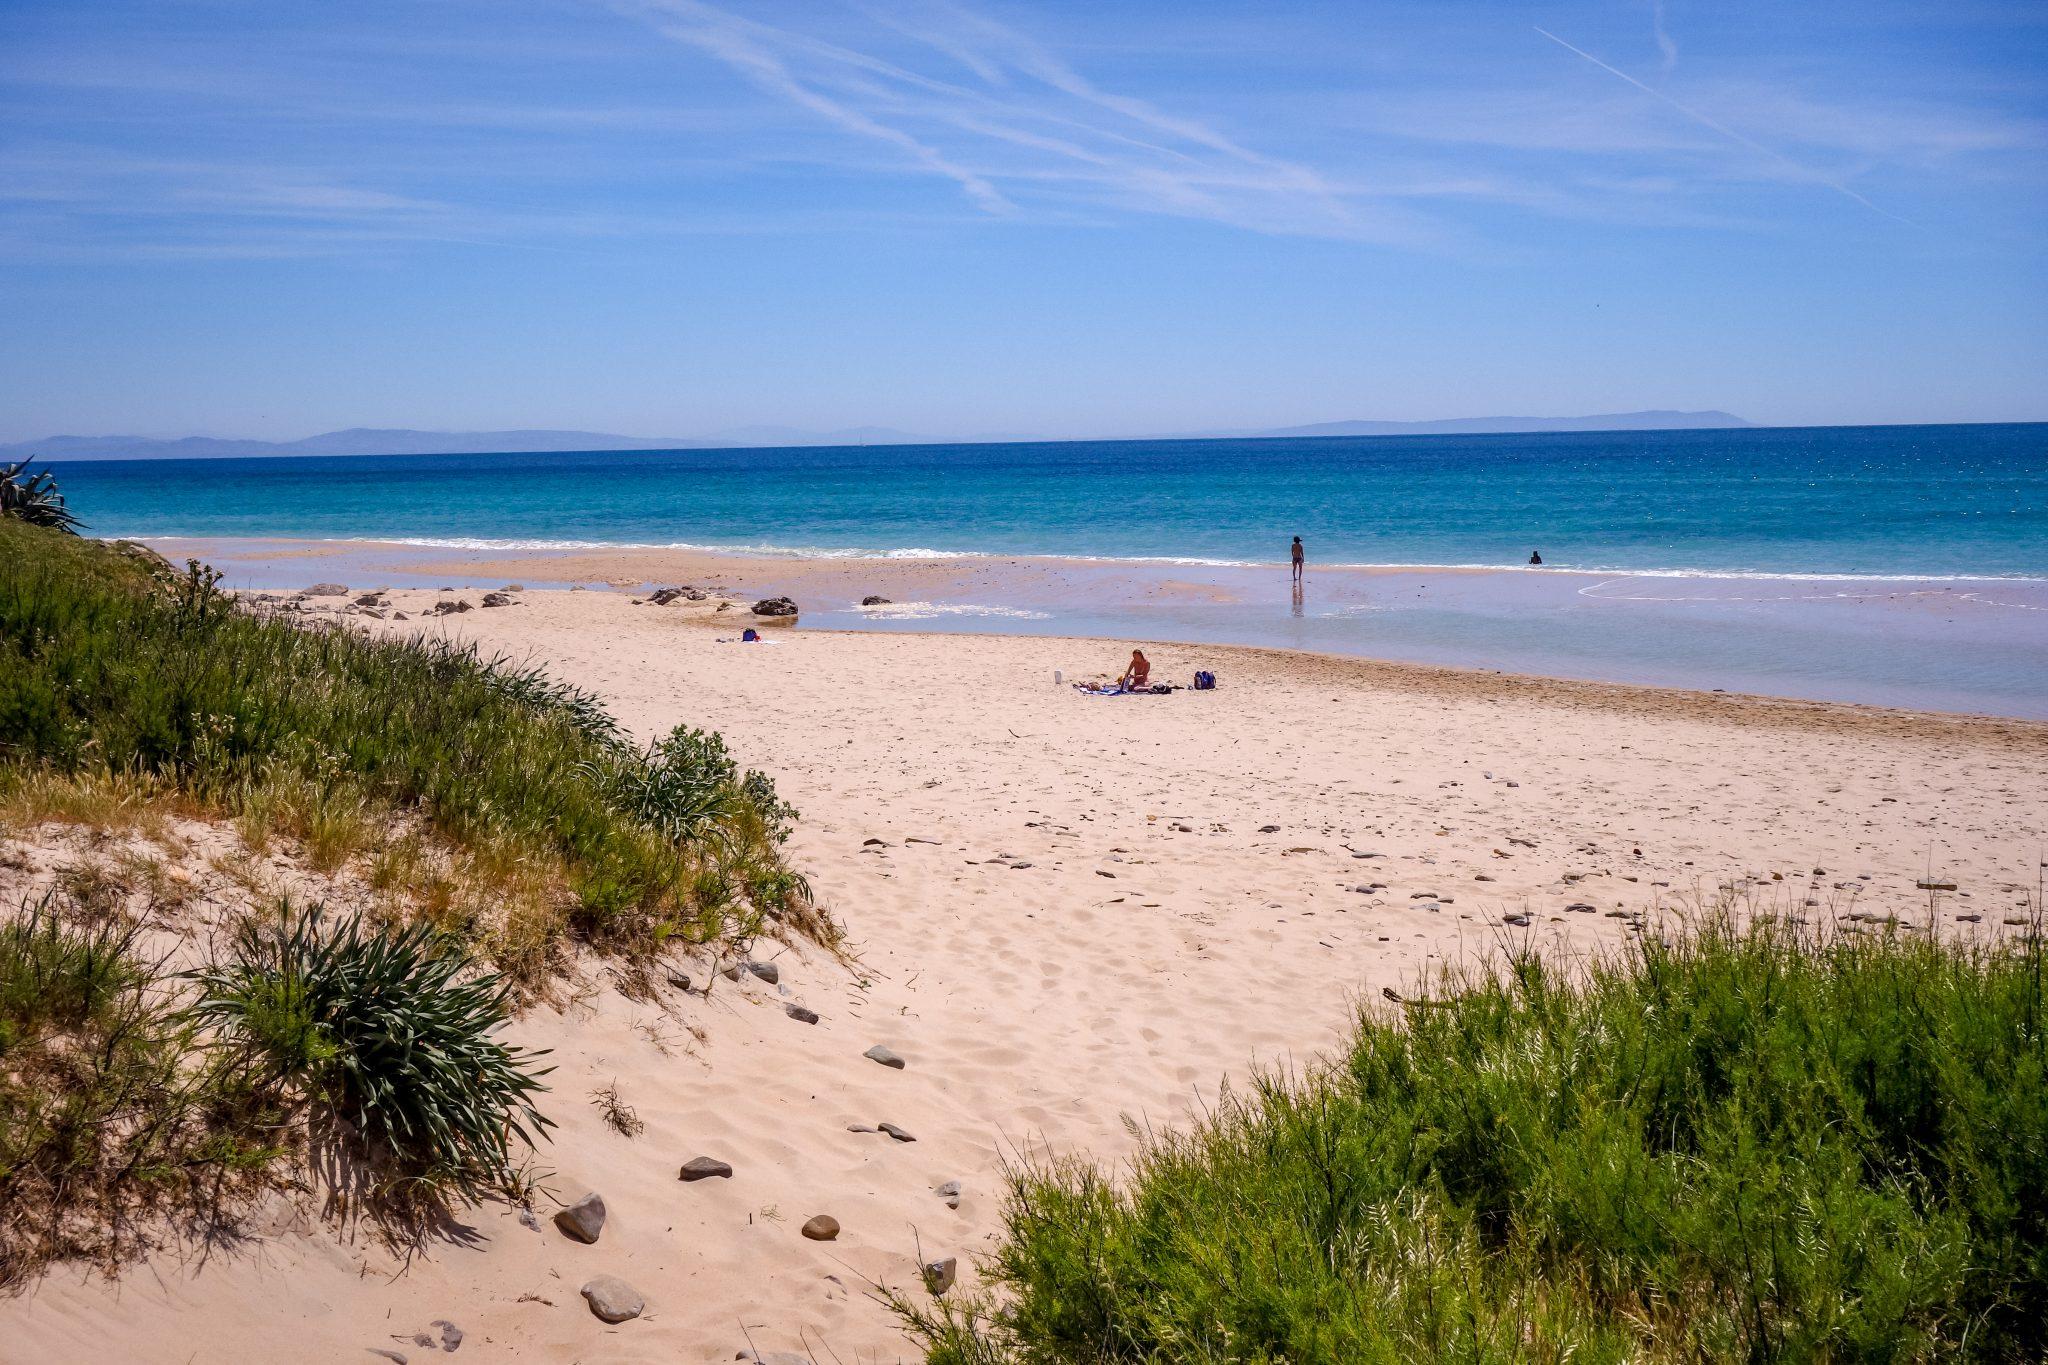 Am Playa Bolonia in der Region Tarifa (Andalusien) sind Toiletten und Mülleimer eine Mangelware.